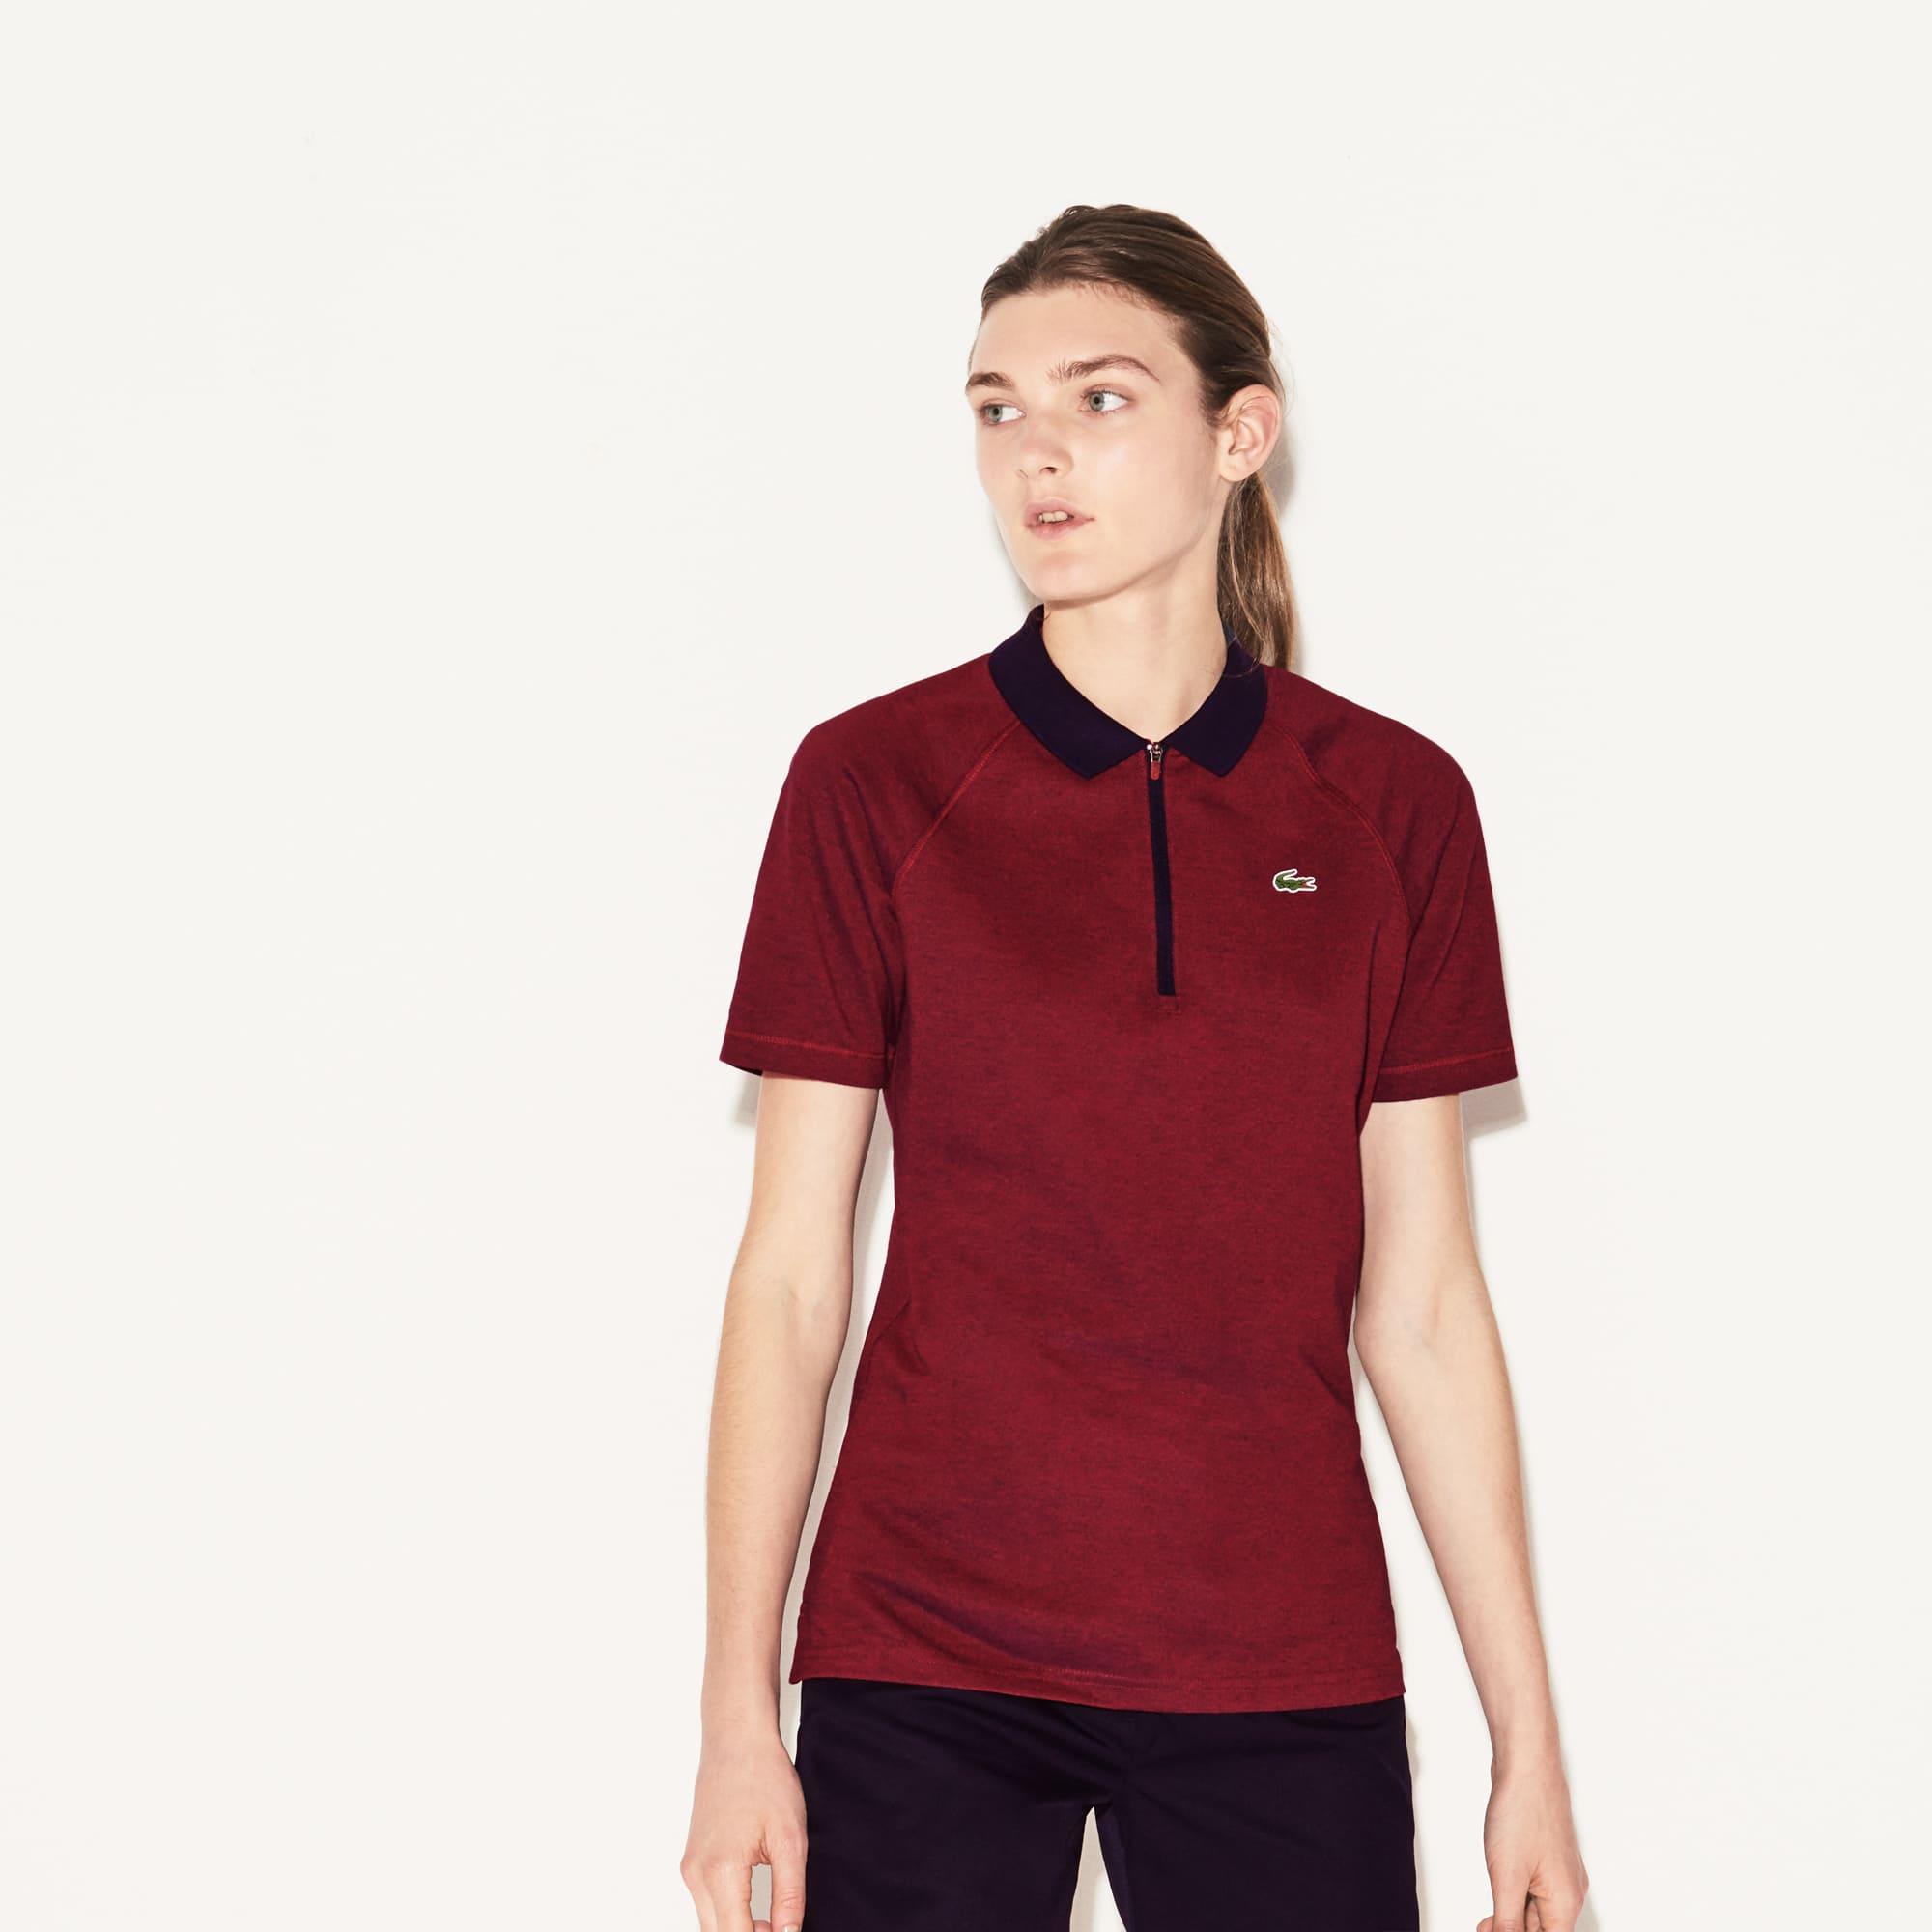 Lacoste SPORT Golf-polo dames technische jersey met ritshals